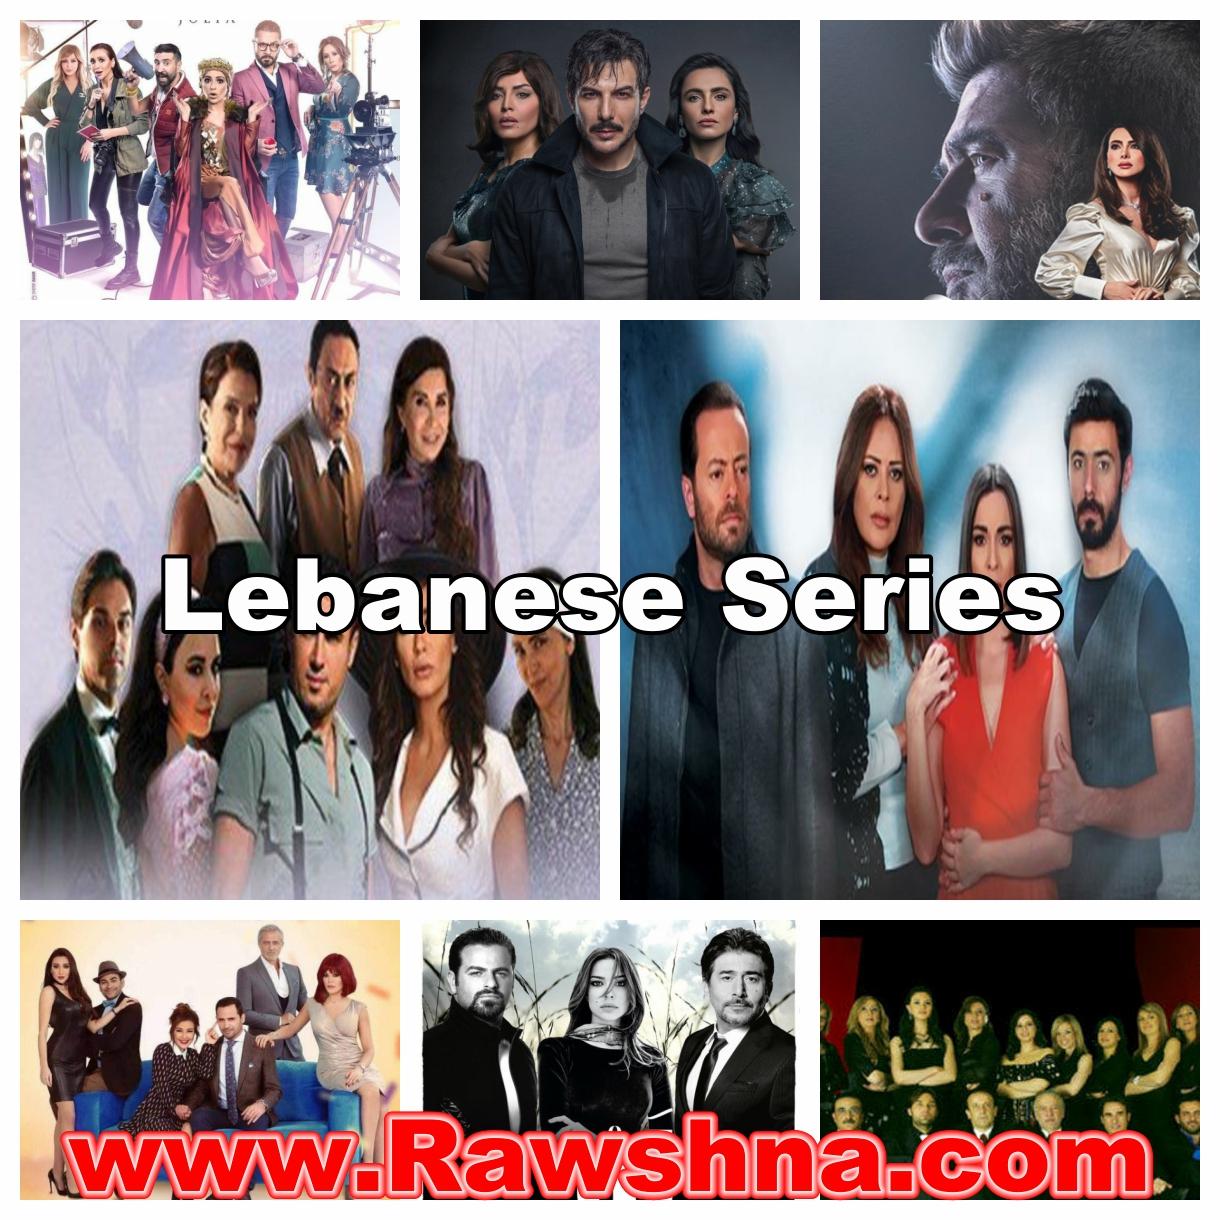 افضل مسلسلات لبنانية على الإطلاق